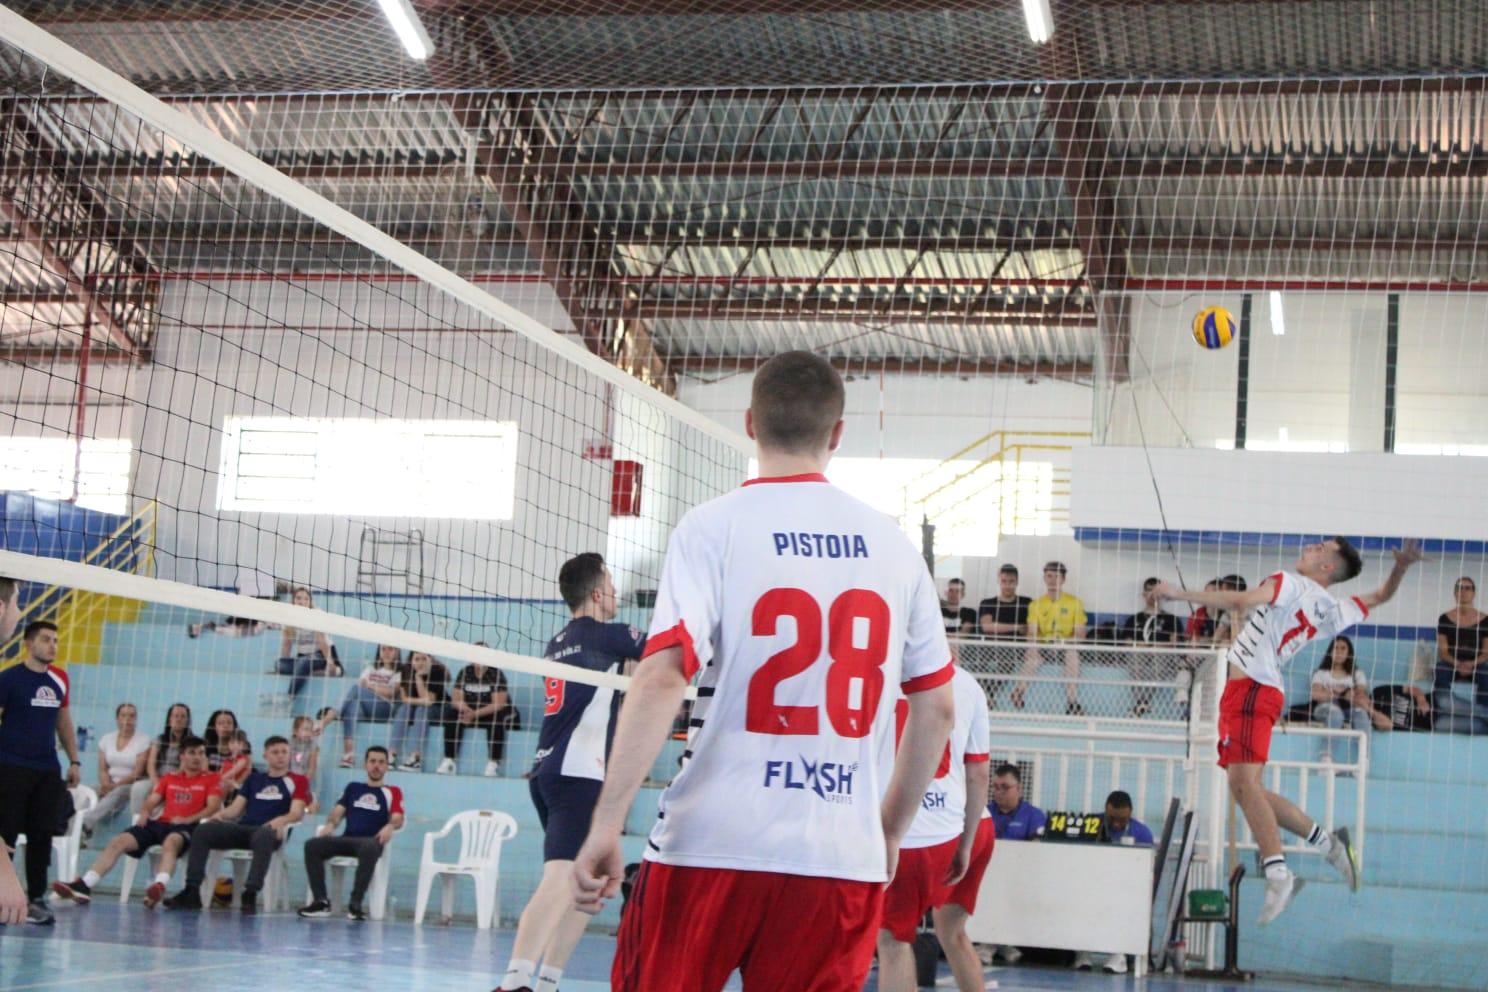 6ª Copa Não-Me-Toque de Voleibol reúne mais de 200 atletas no fim de semana